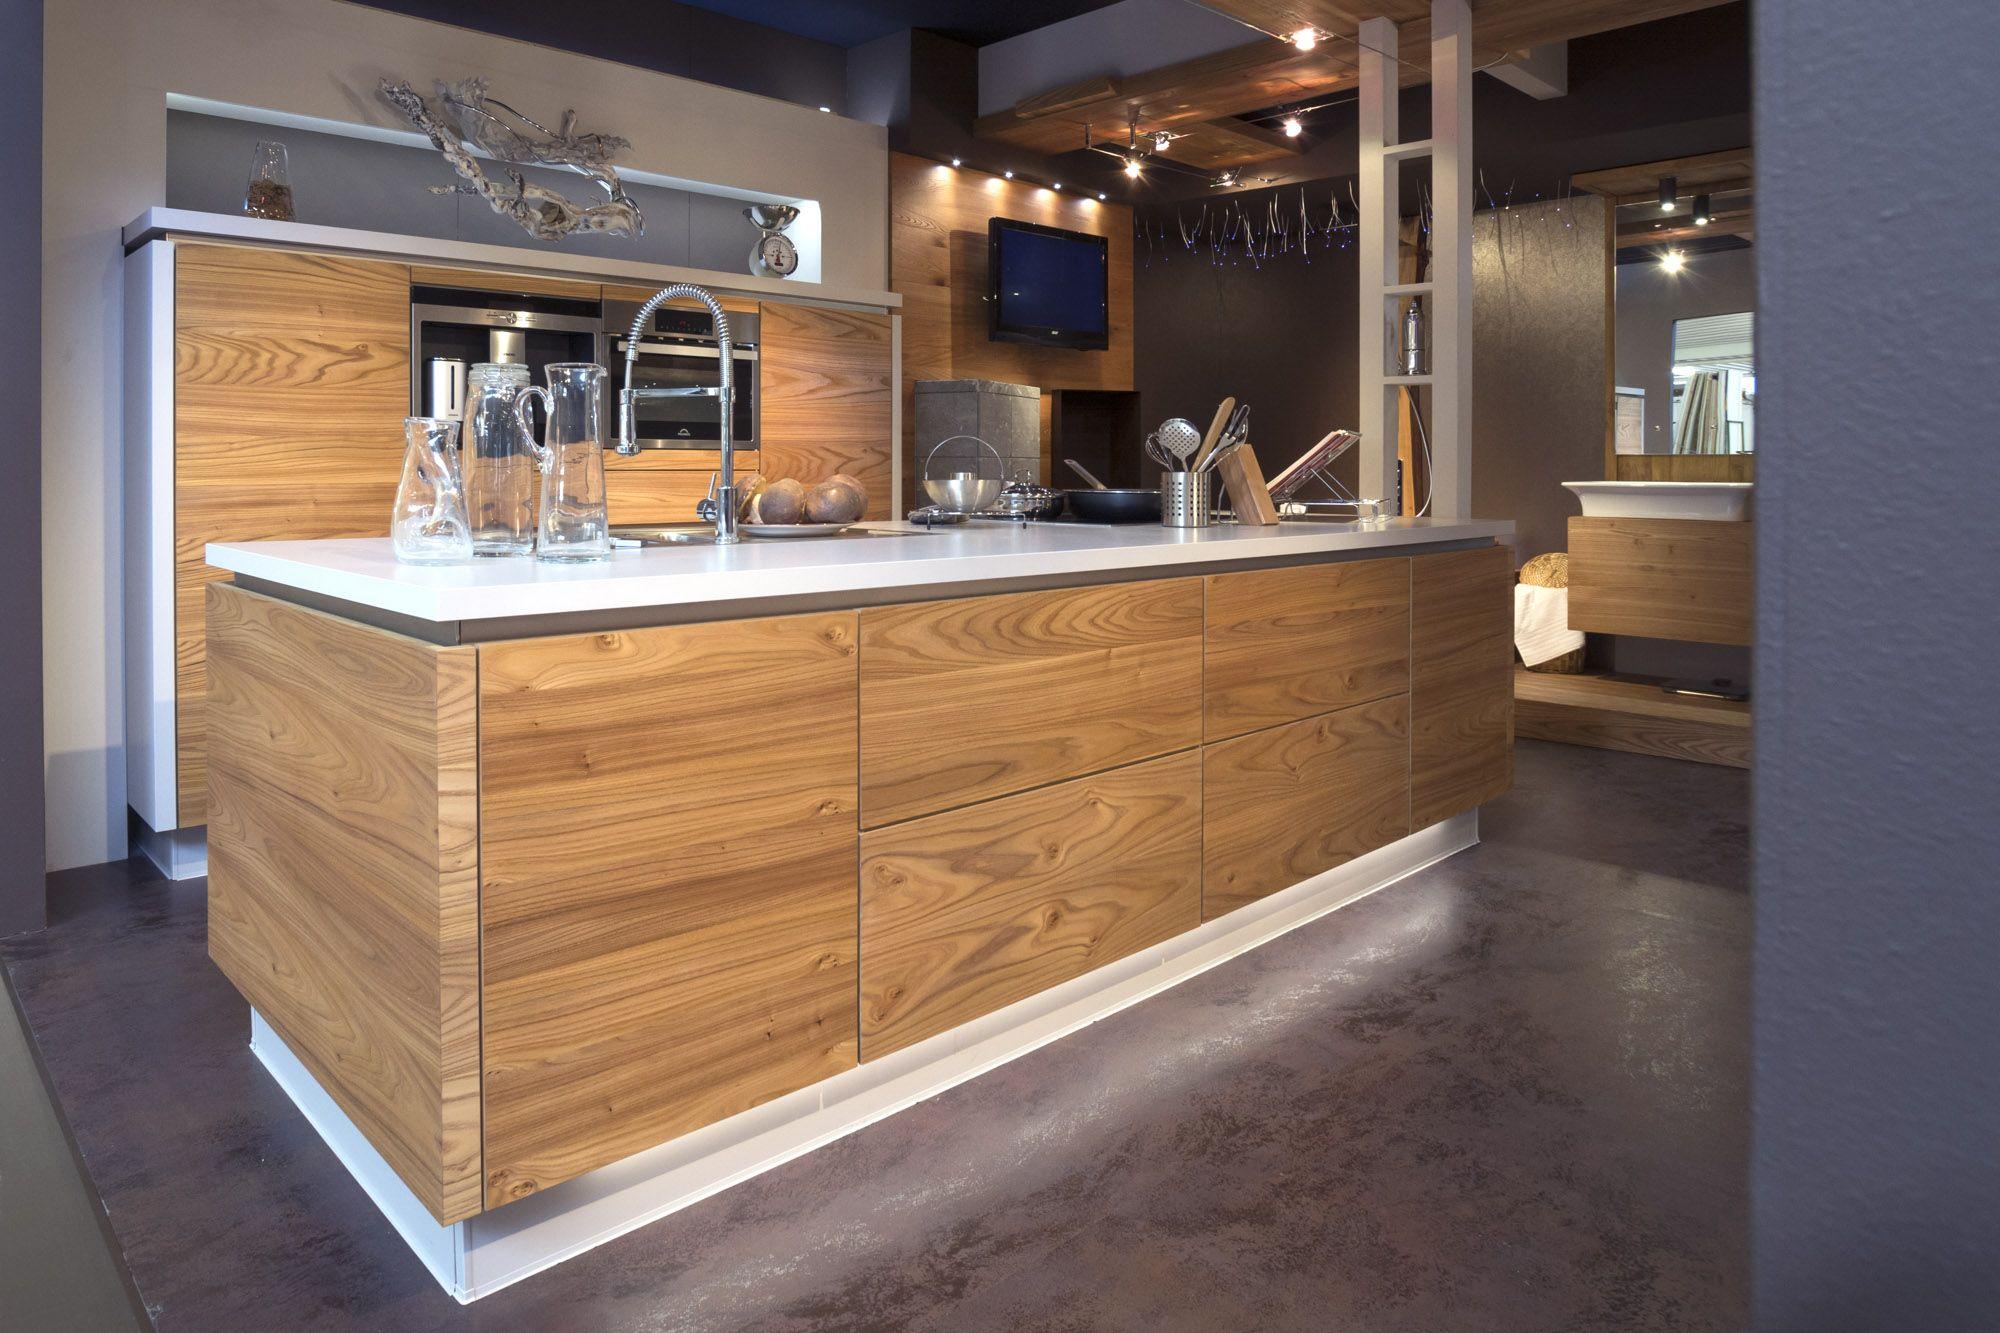 Cucina Spaziosa Realizzato Dalla Falegnameria Ivo Fontana Mobili Di Belluno Made In Italy Arredamento Bagno Arredamento Cucine